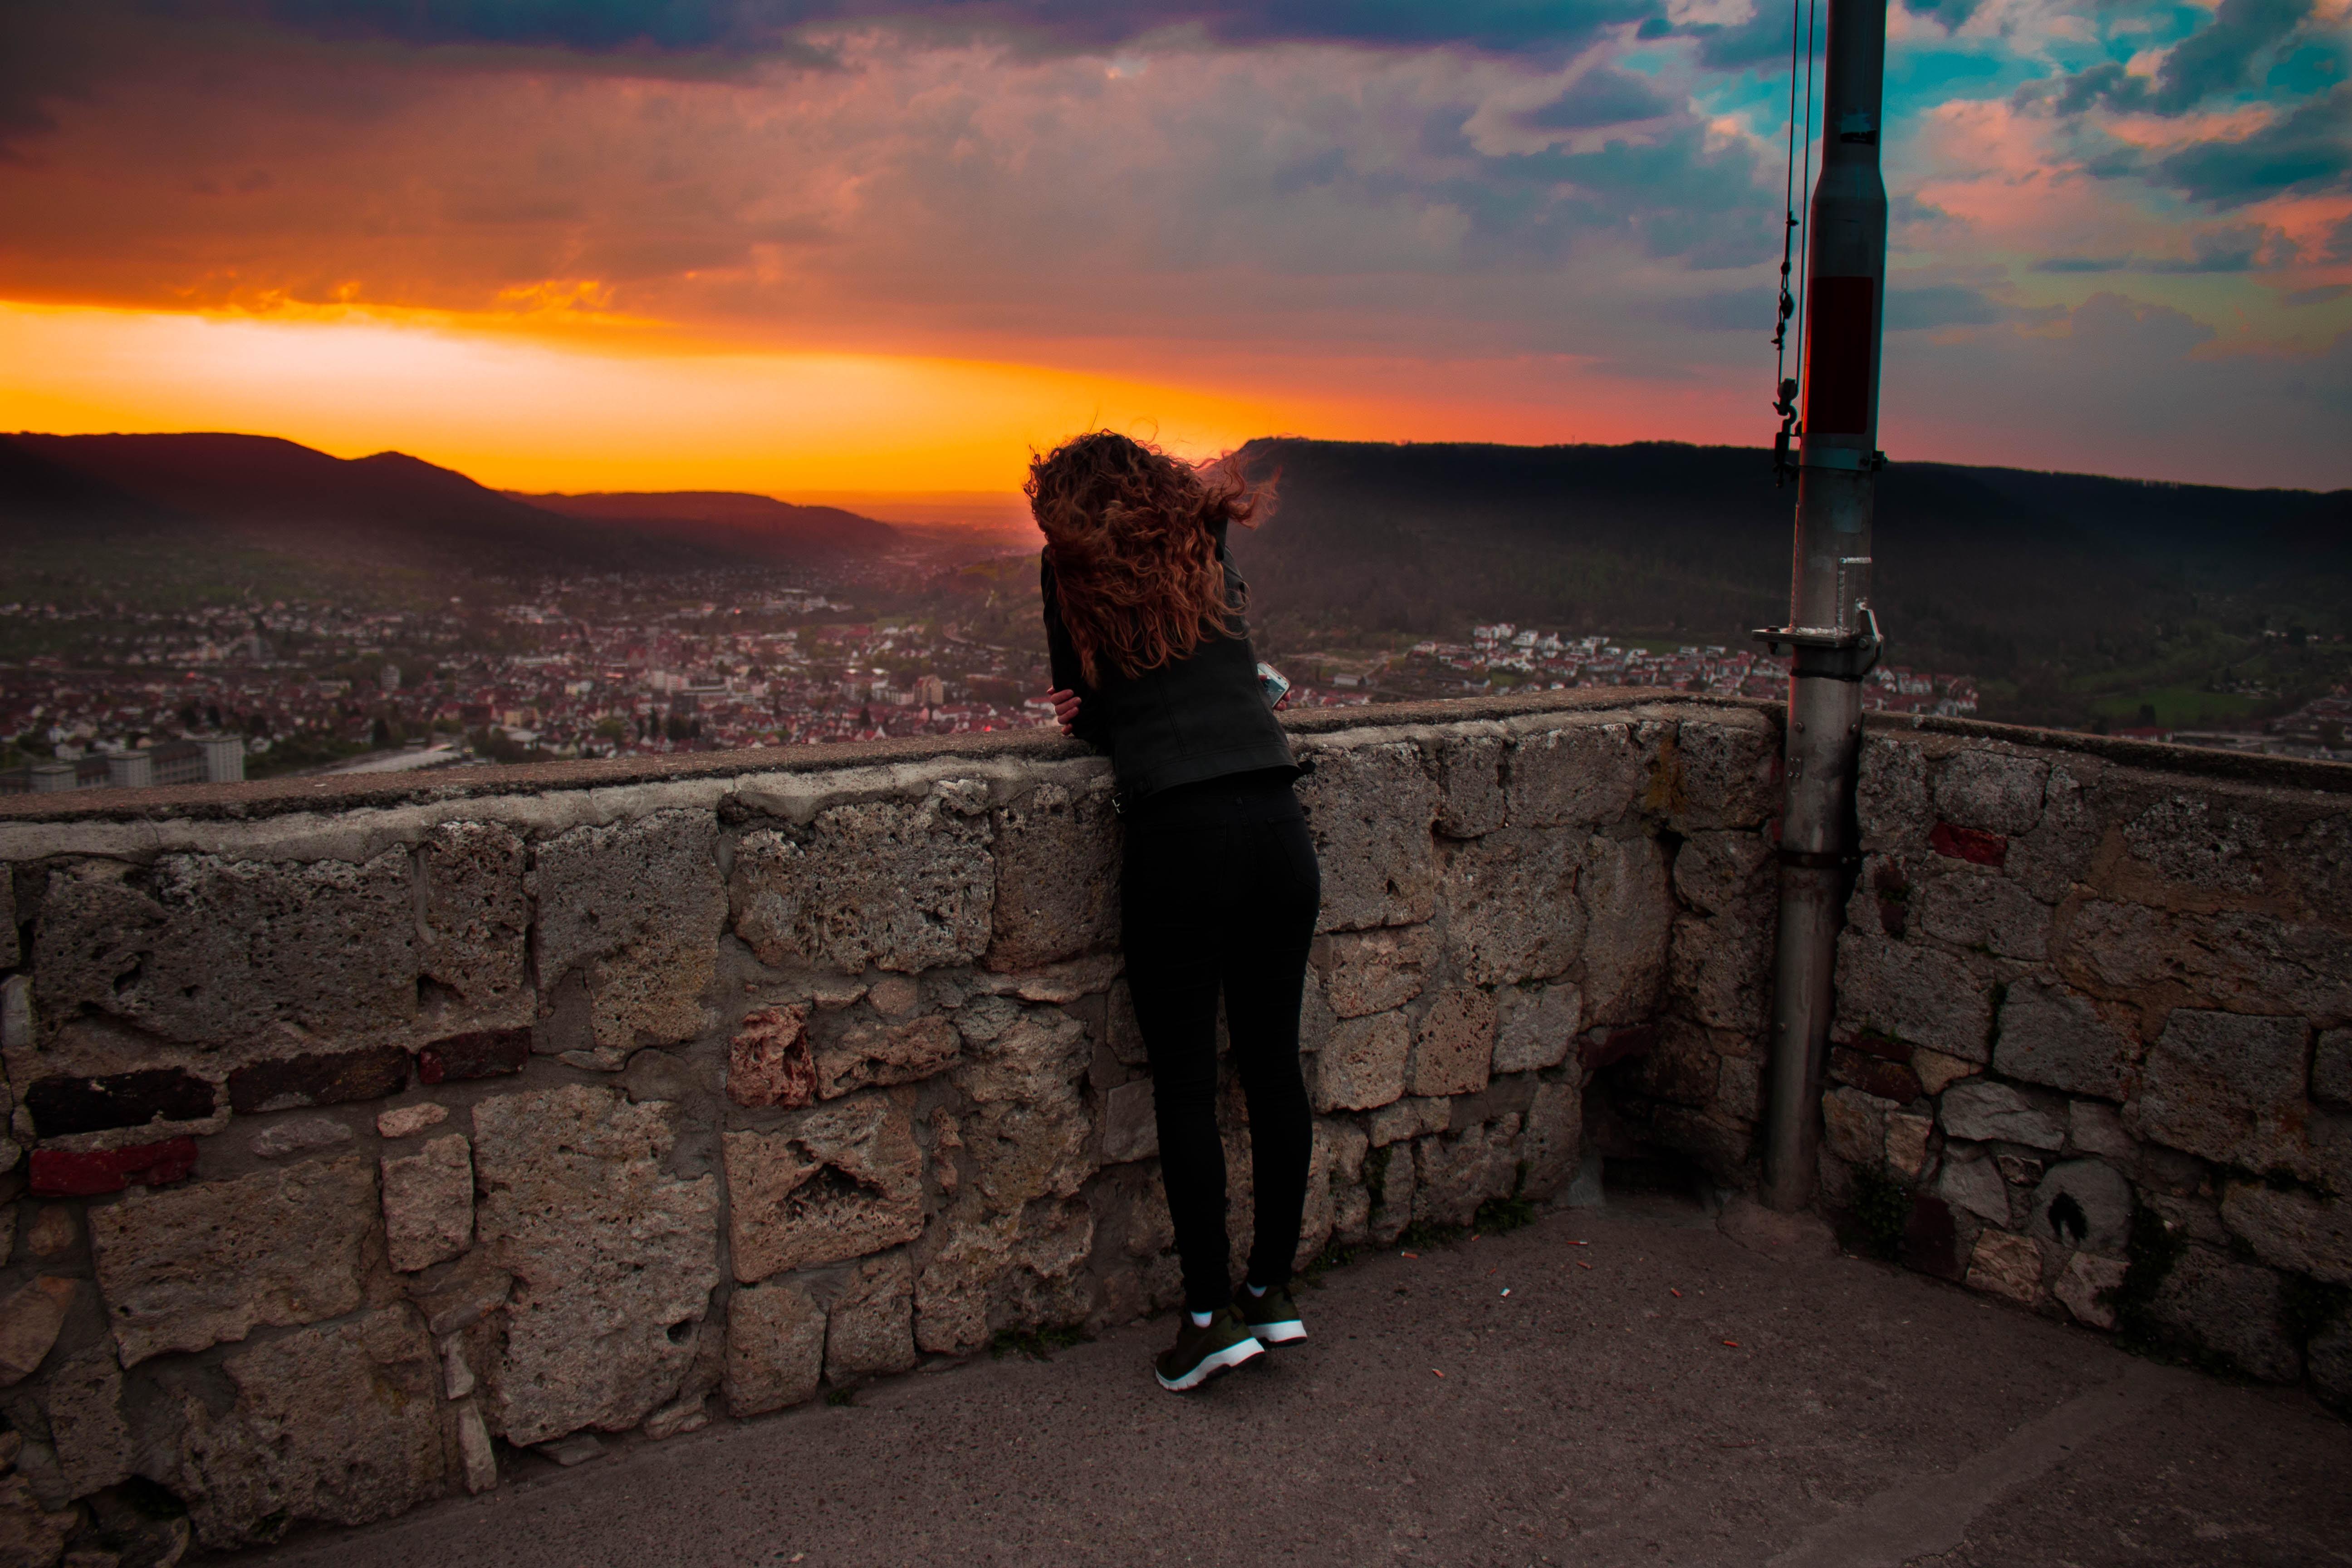 woman wearing black legging during sunset